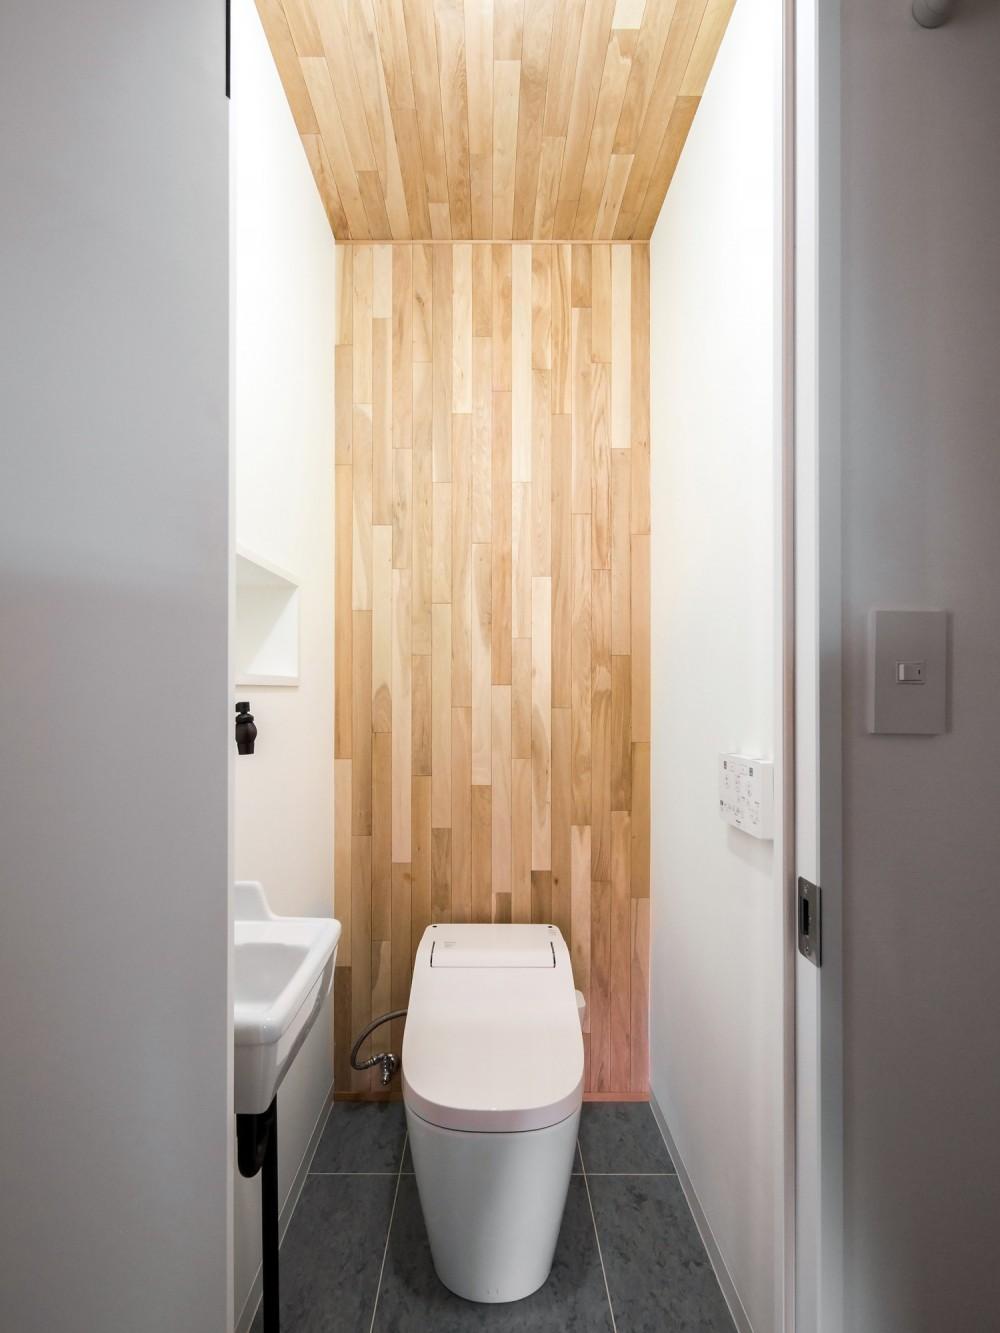 素因数の家 すくすくリノベーションvol.11 (木をアクセントにしたトイレ空間)